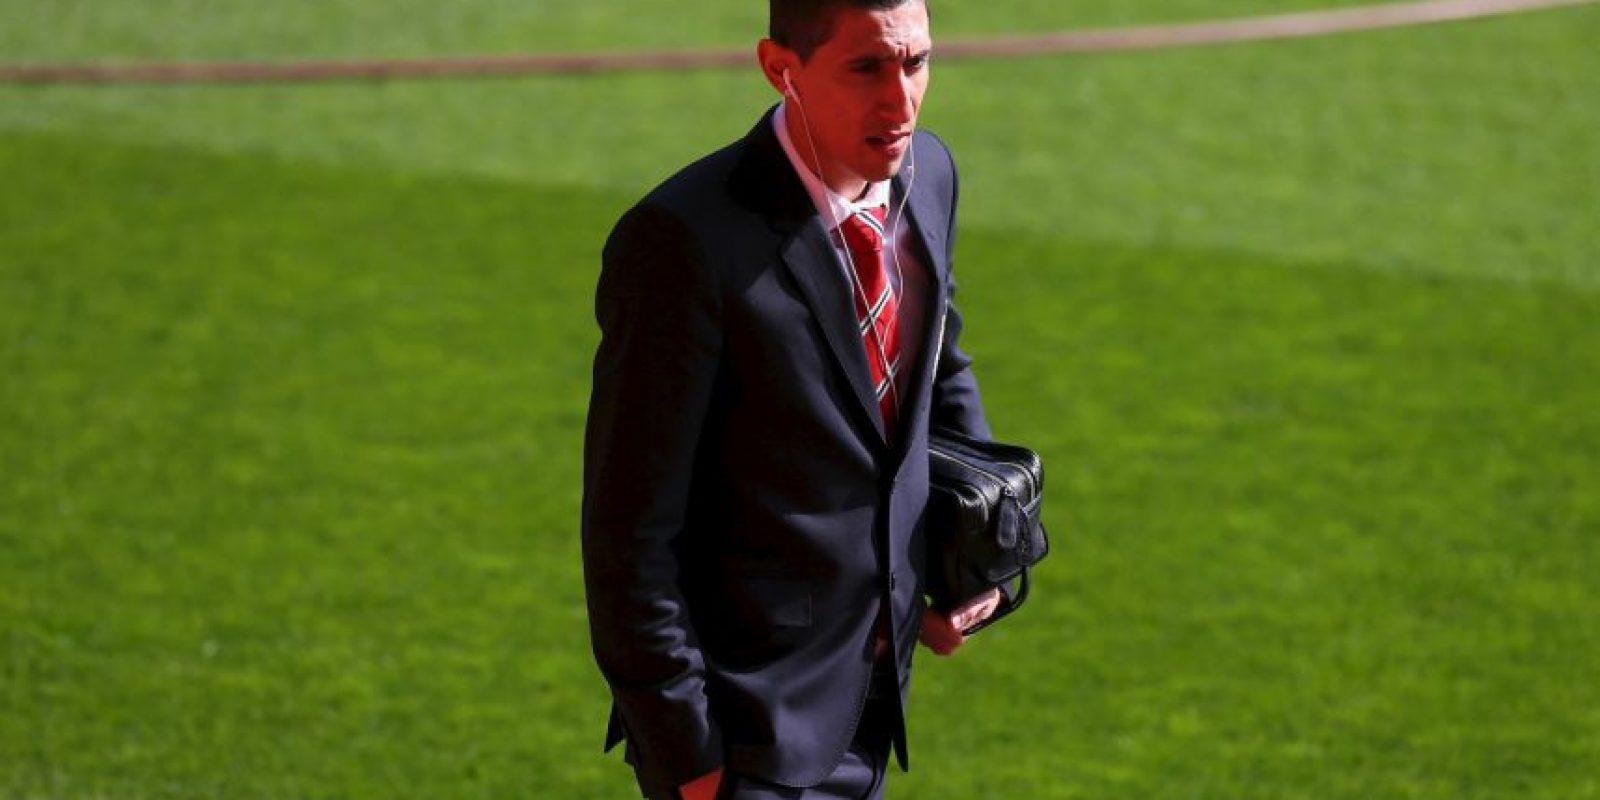 """En la temporada 2014/2015 jugó 32 partidos con los """"Red Devils"""" (Entre liga y copas). Foto:Getty Images"""